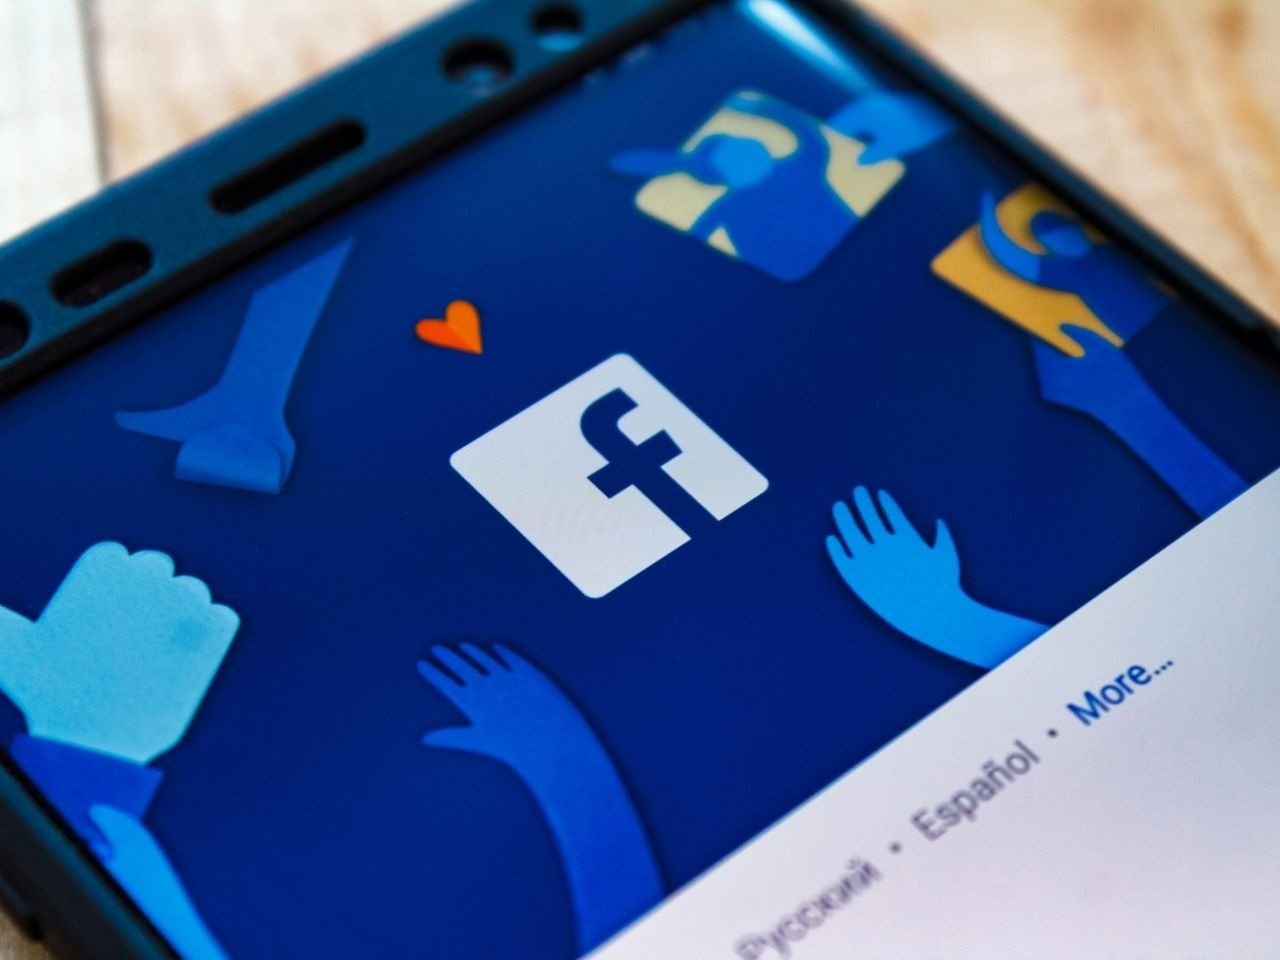 全球在社交媒体治理方面的合作是否奏效?